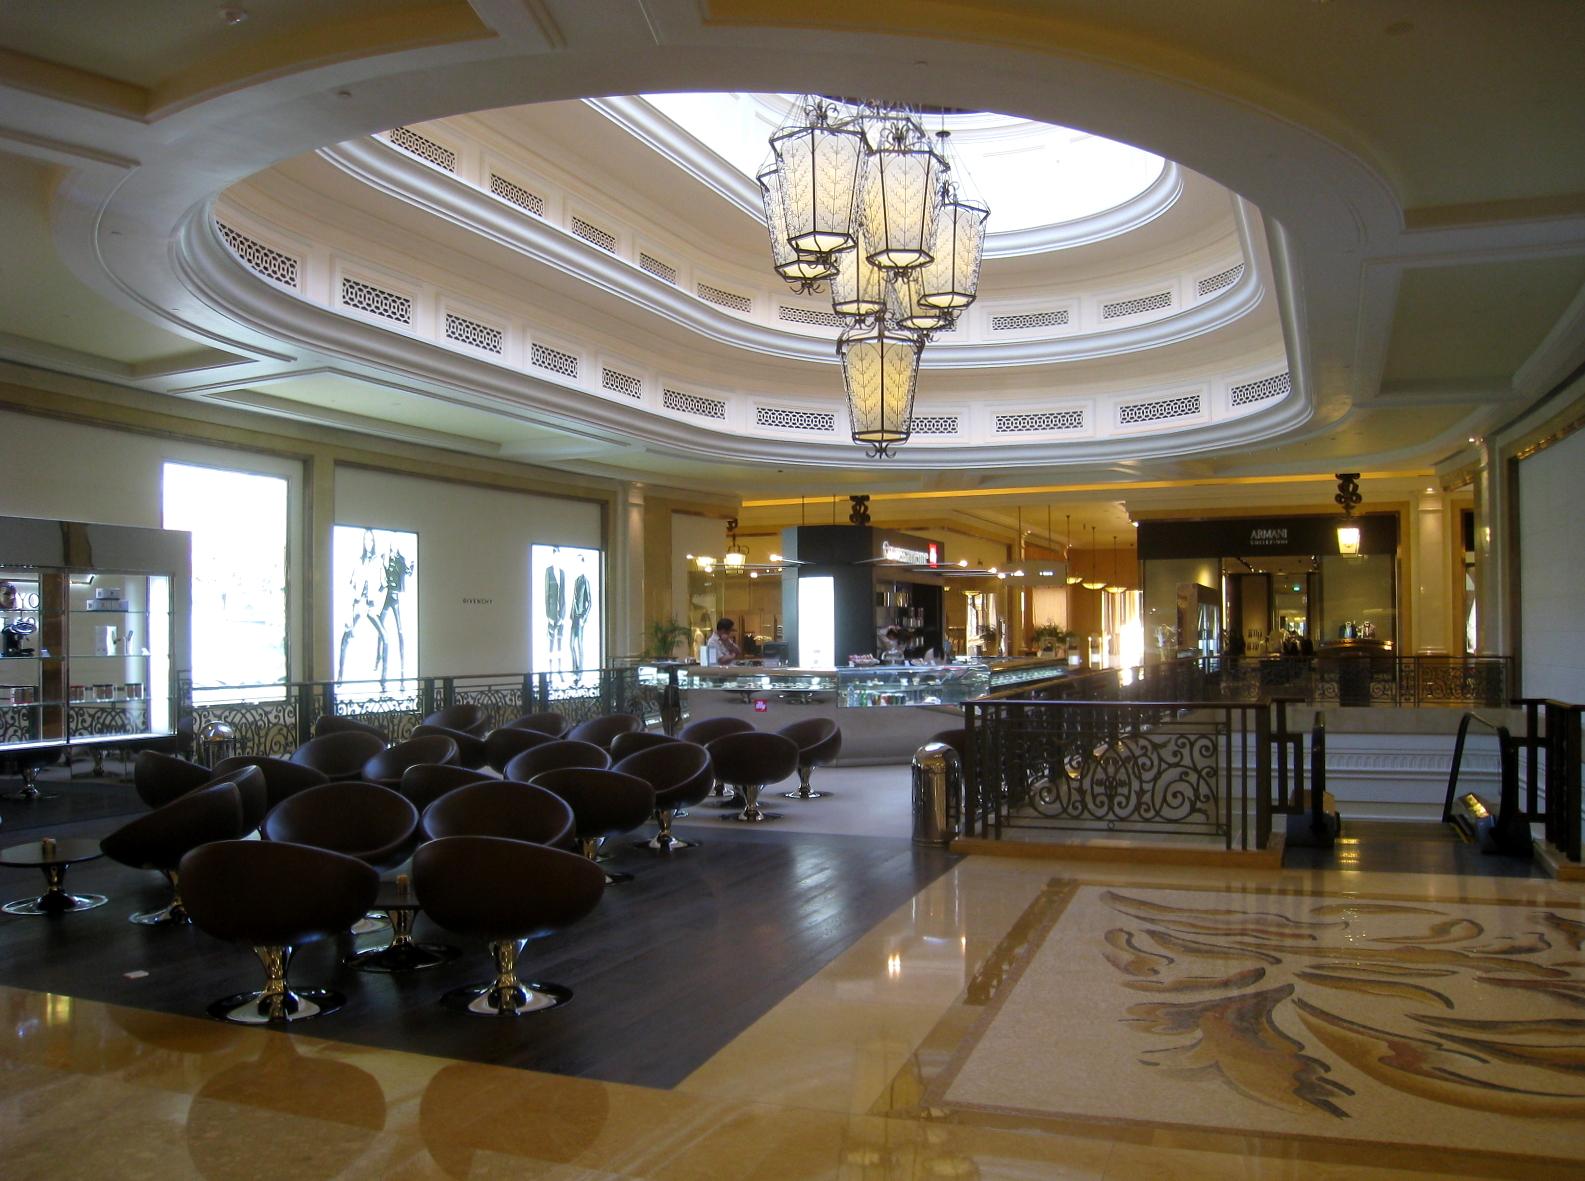 Hotel Spa Firenze